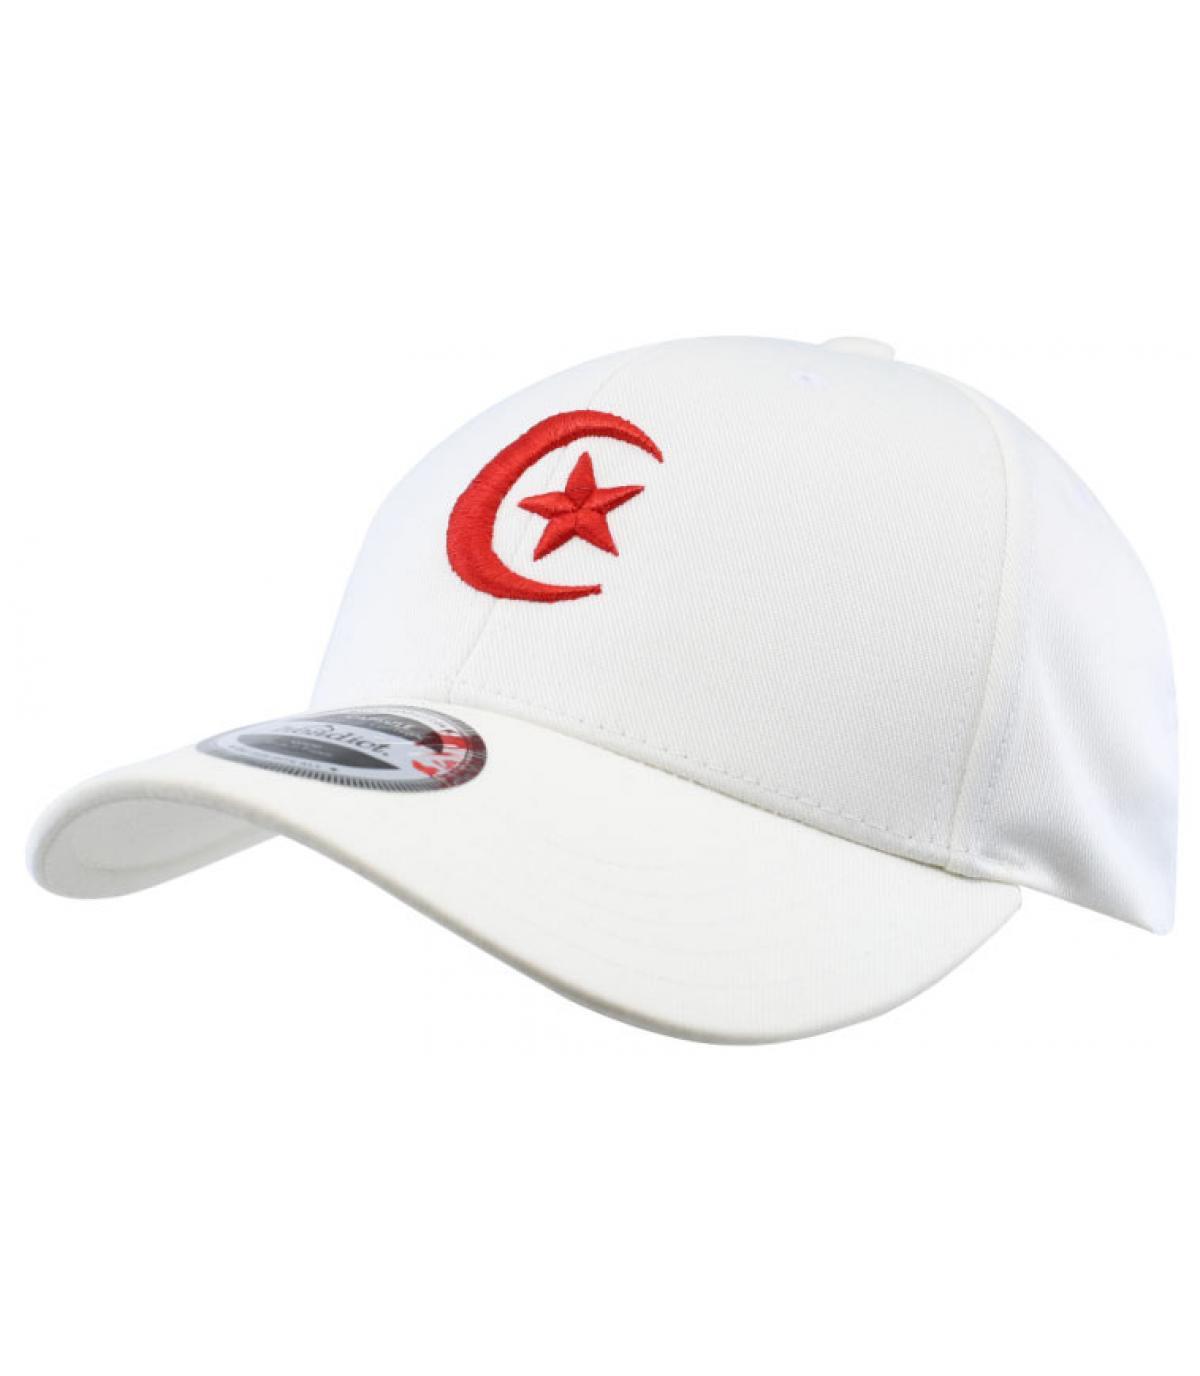 Détails Casquette Tunisie - image 2